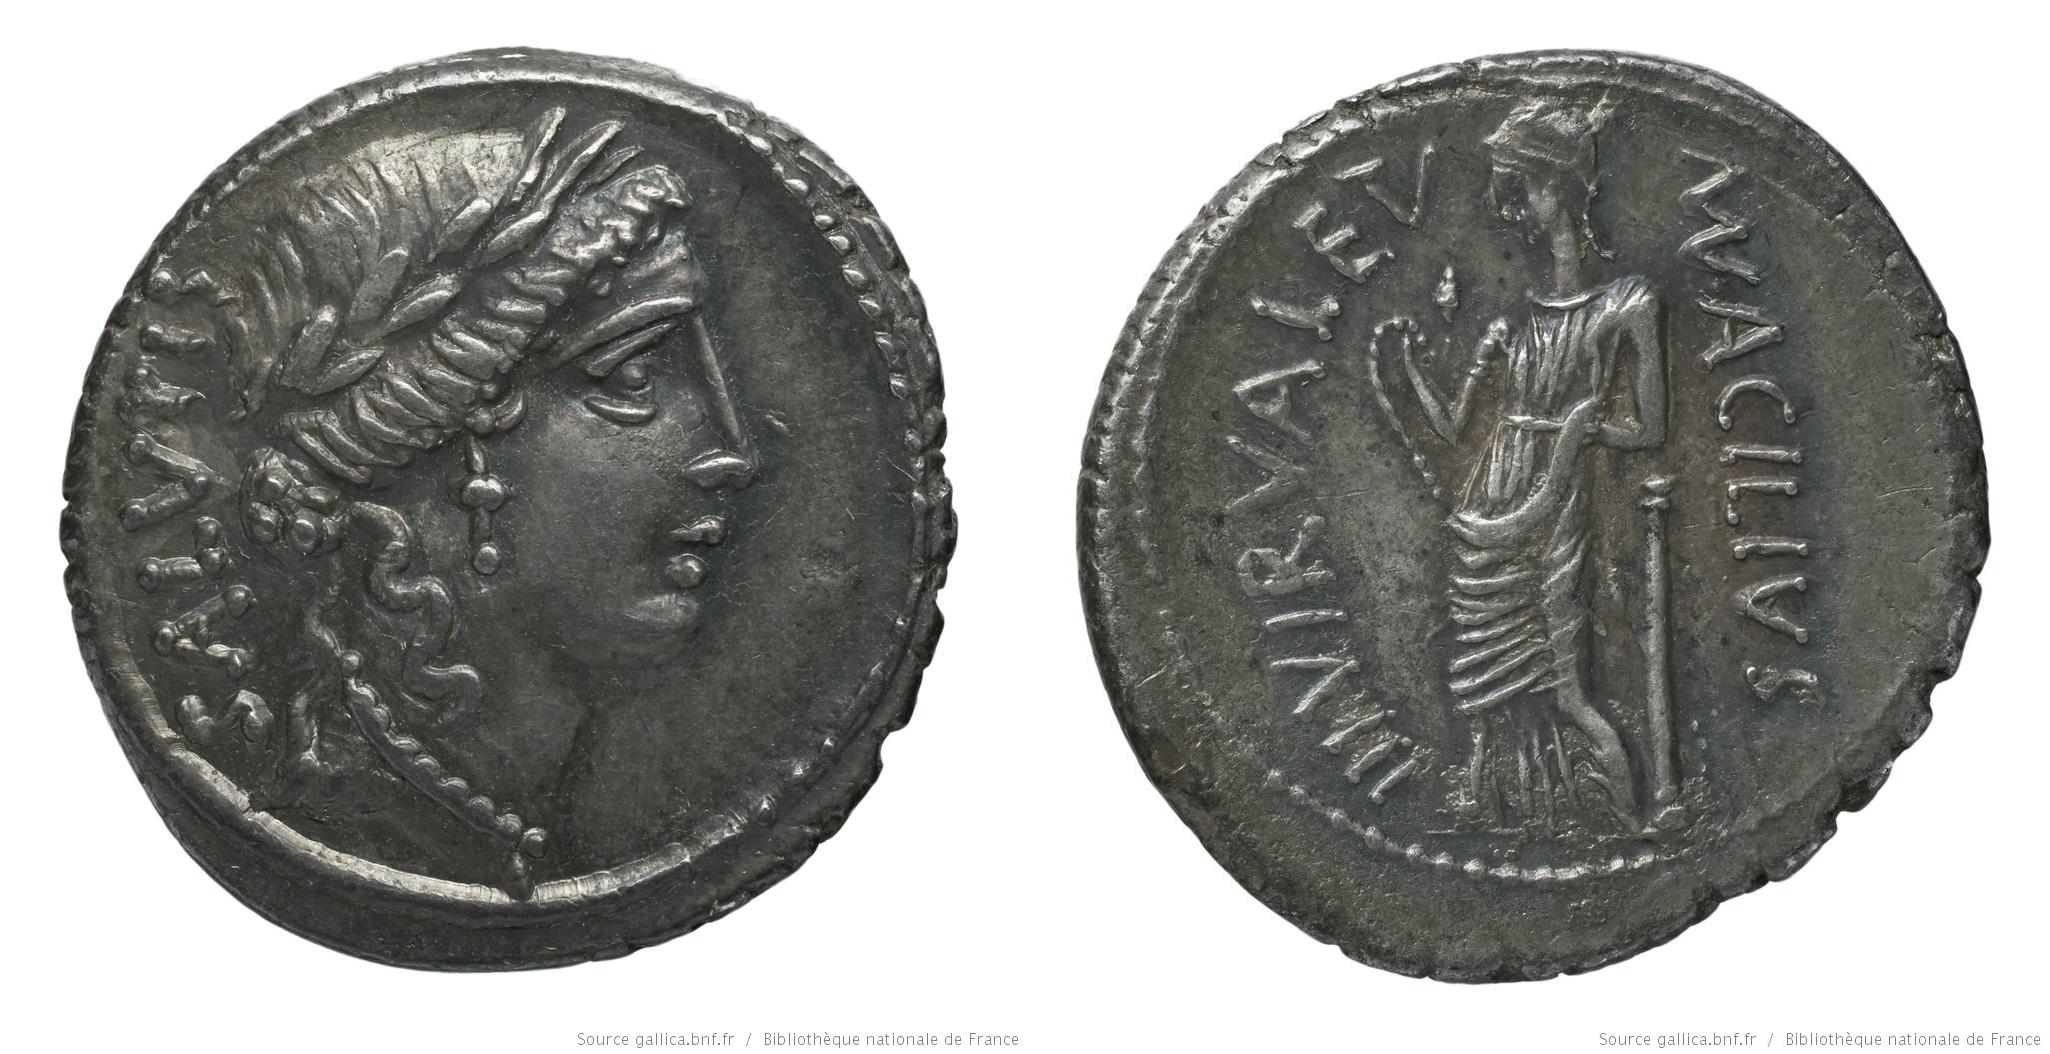 1422AC – Denier Acilia – Manius Acilius Glabrio